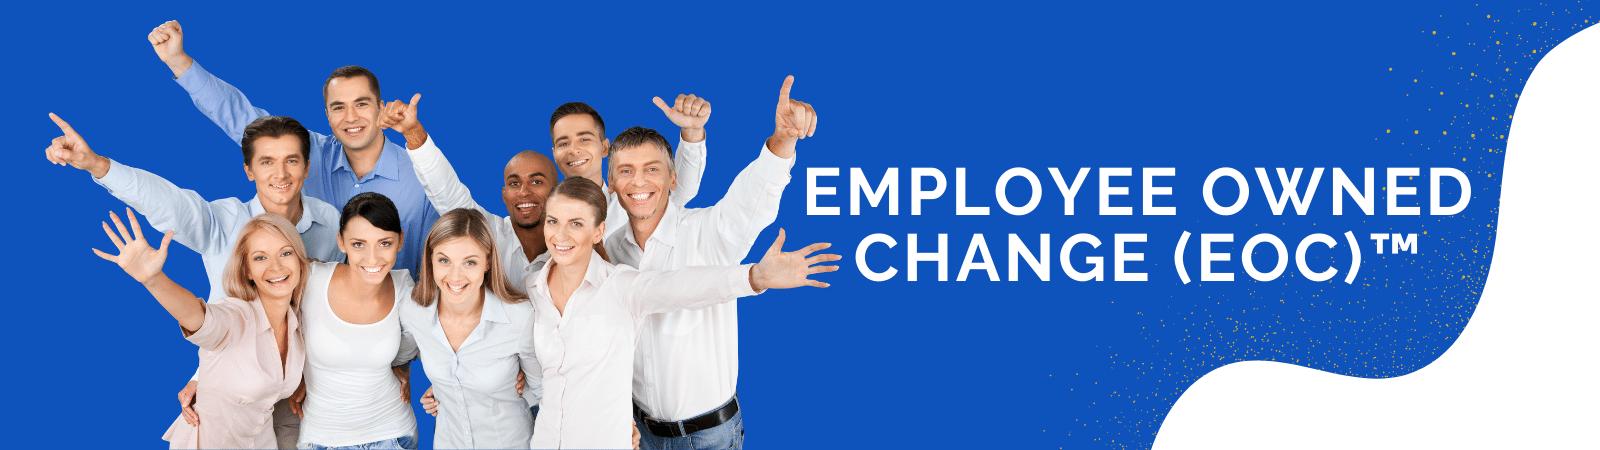 Employee Owned Change (EOC)™